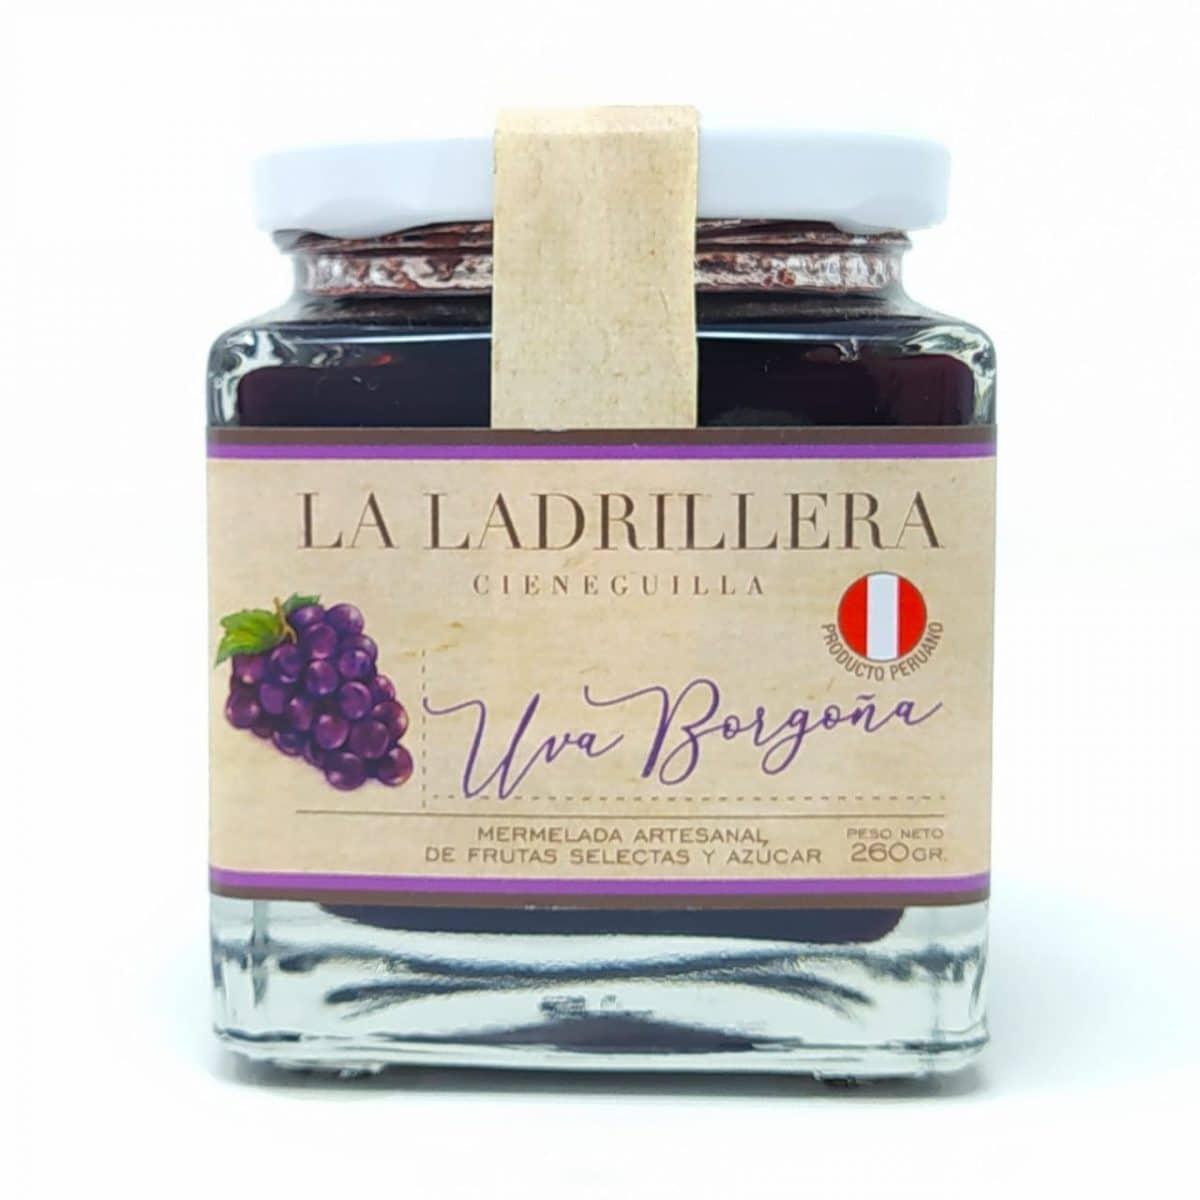 mermelada de Uva Borgoña